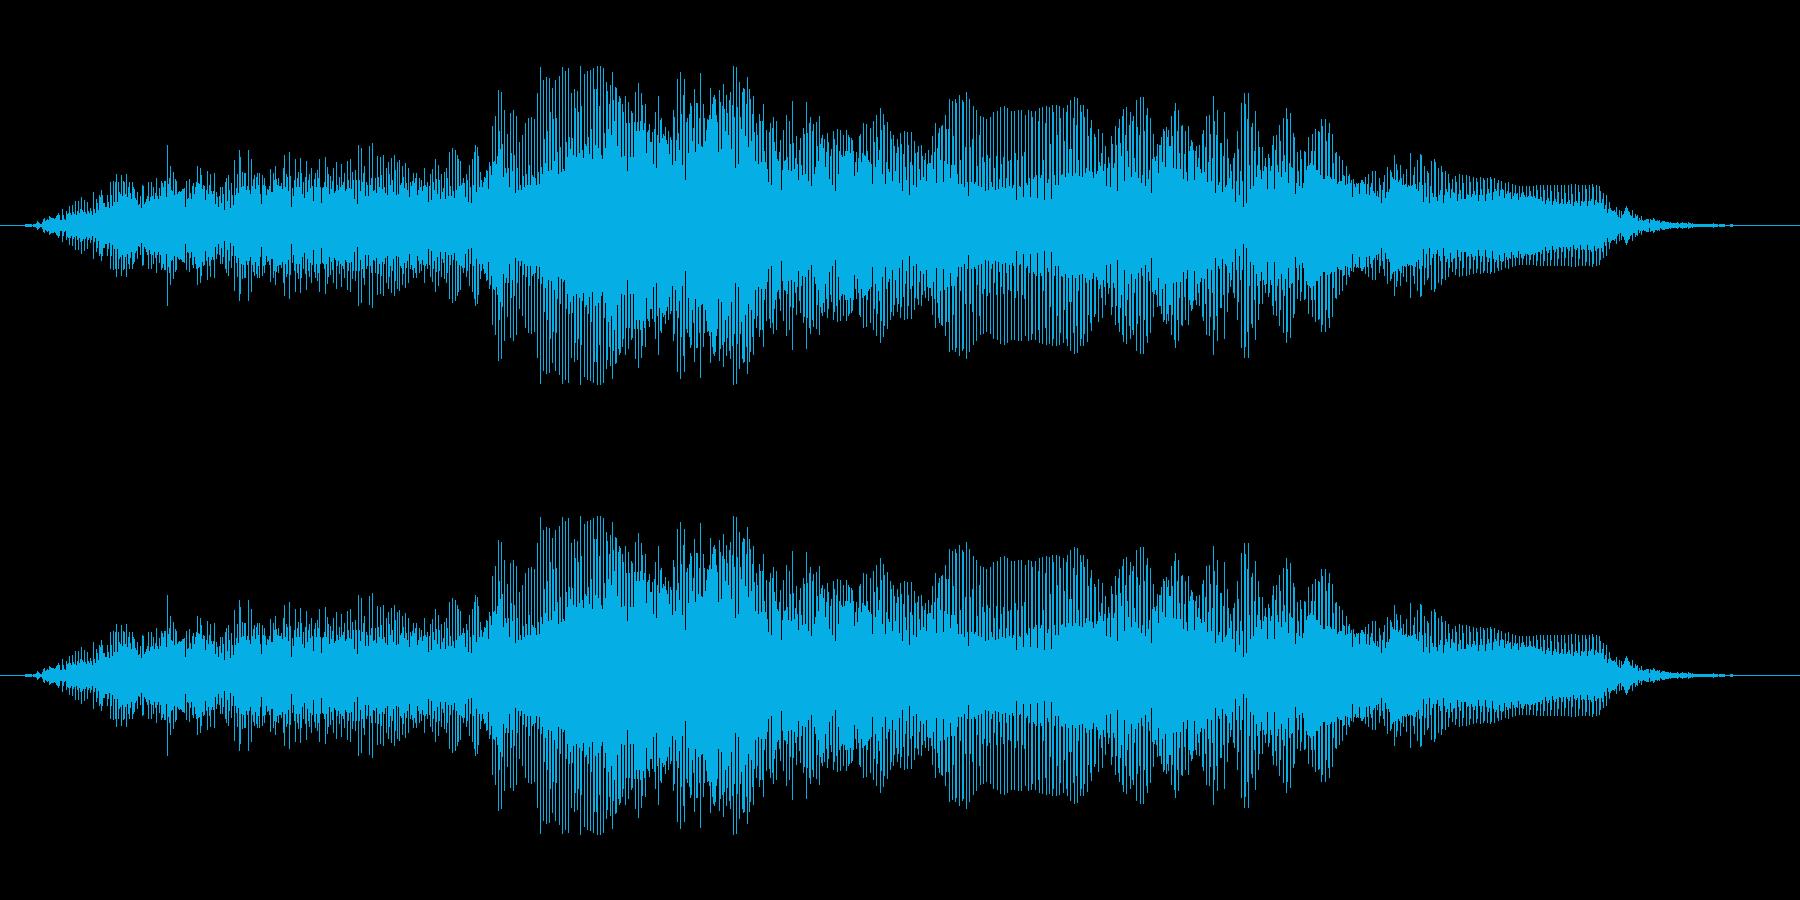 「いいよぉ!」の再生済みの波形